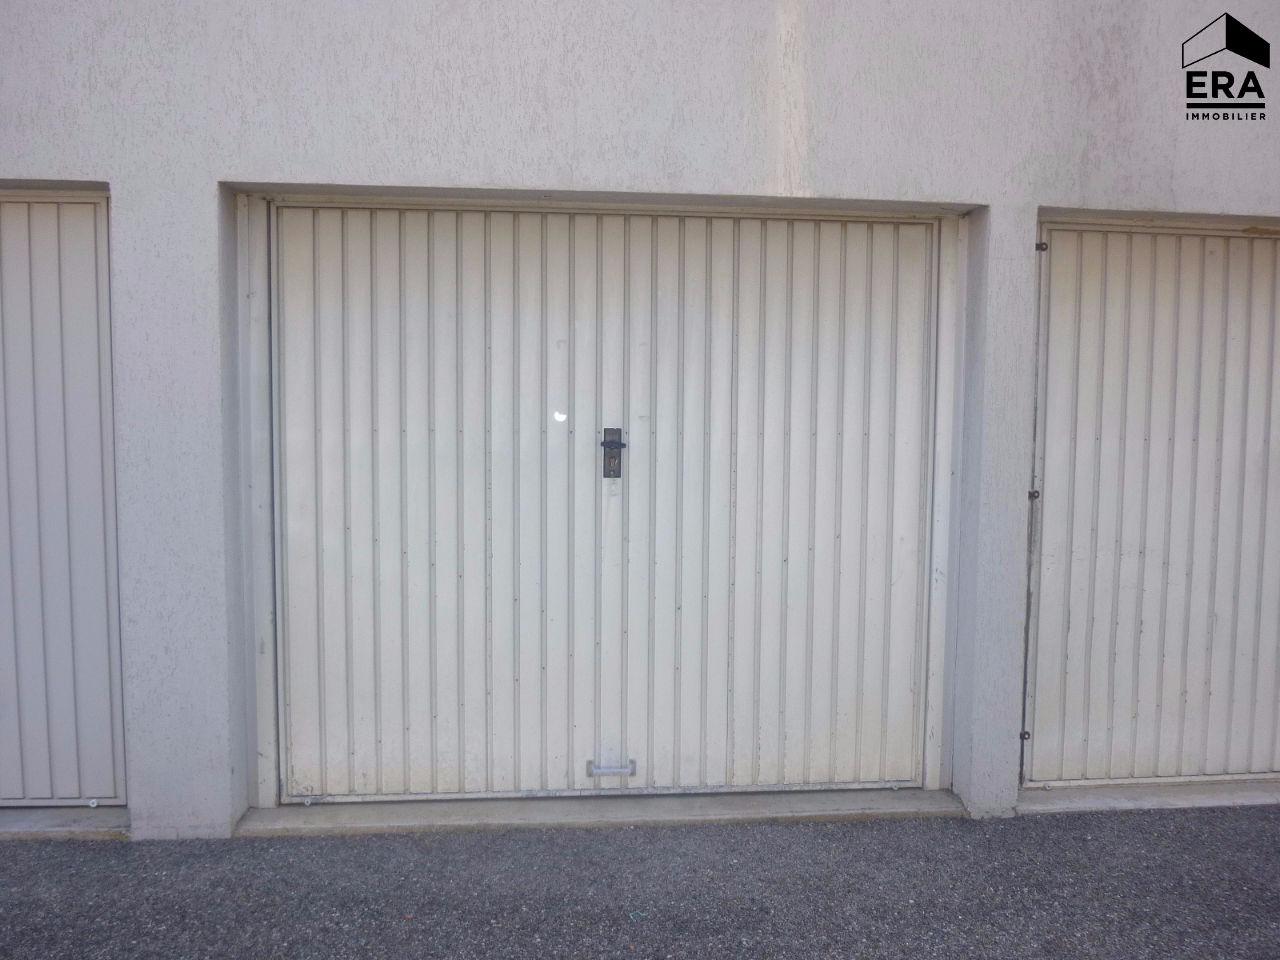 vente garage parking bagnols sur c ze 30200 sur le ForGarage Paulus Bagnols Sur Ceze